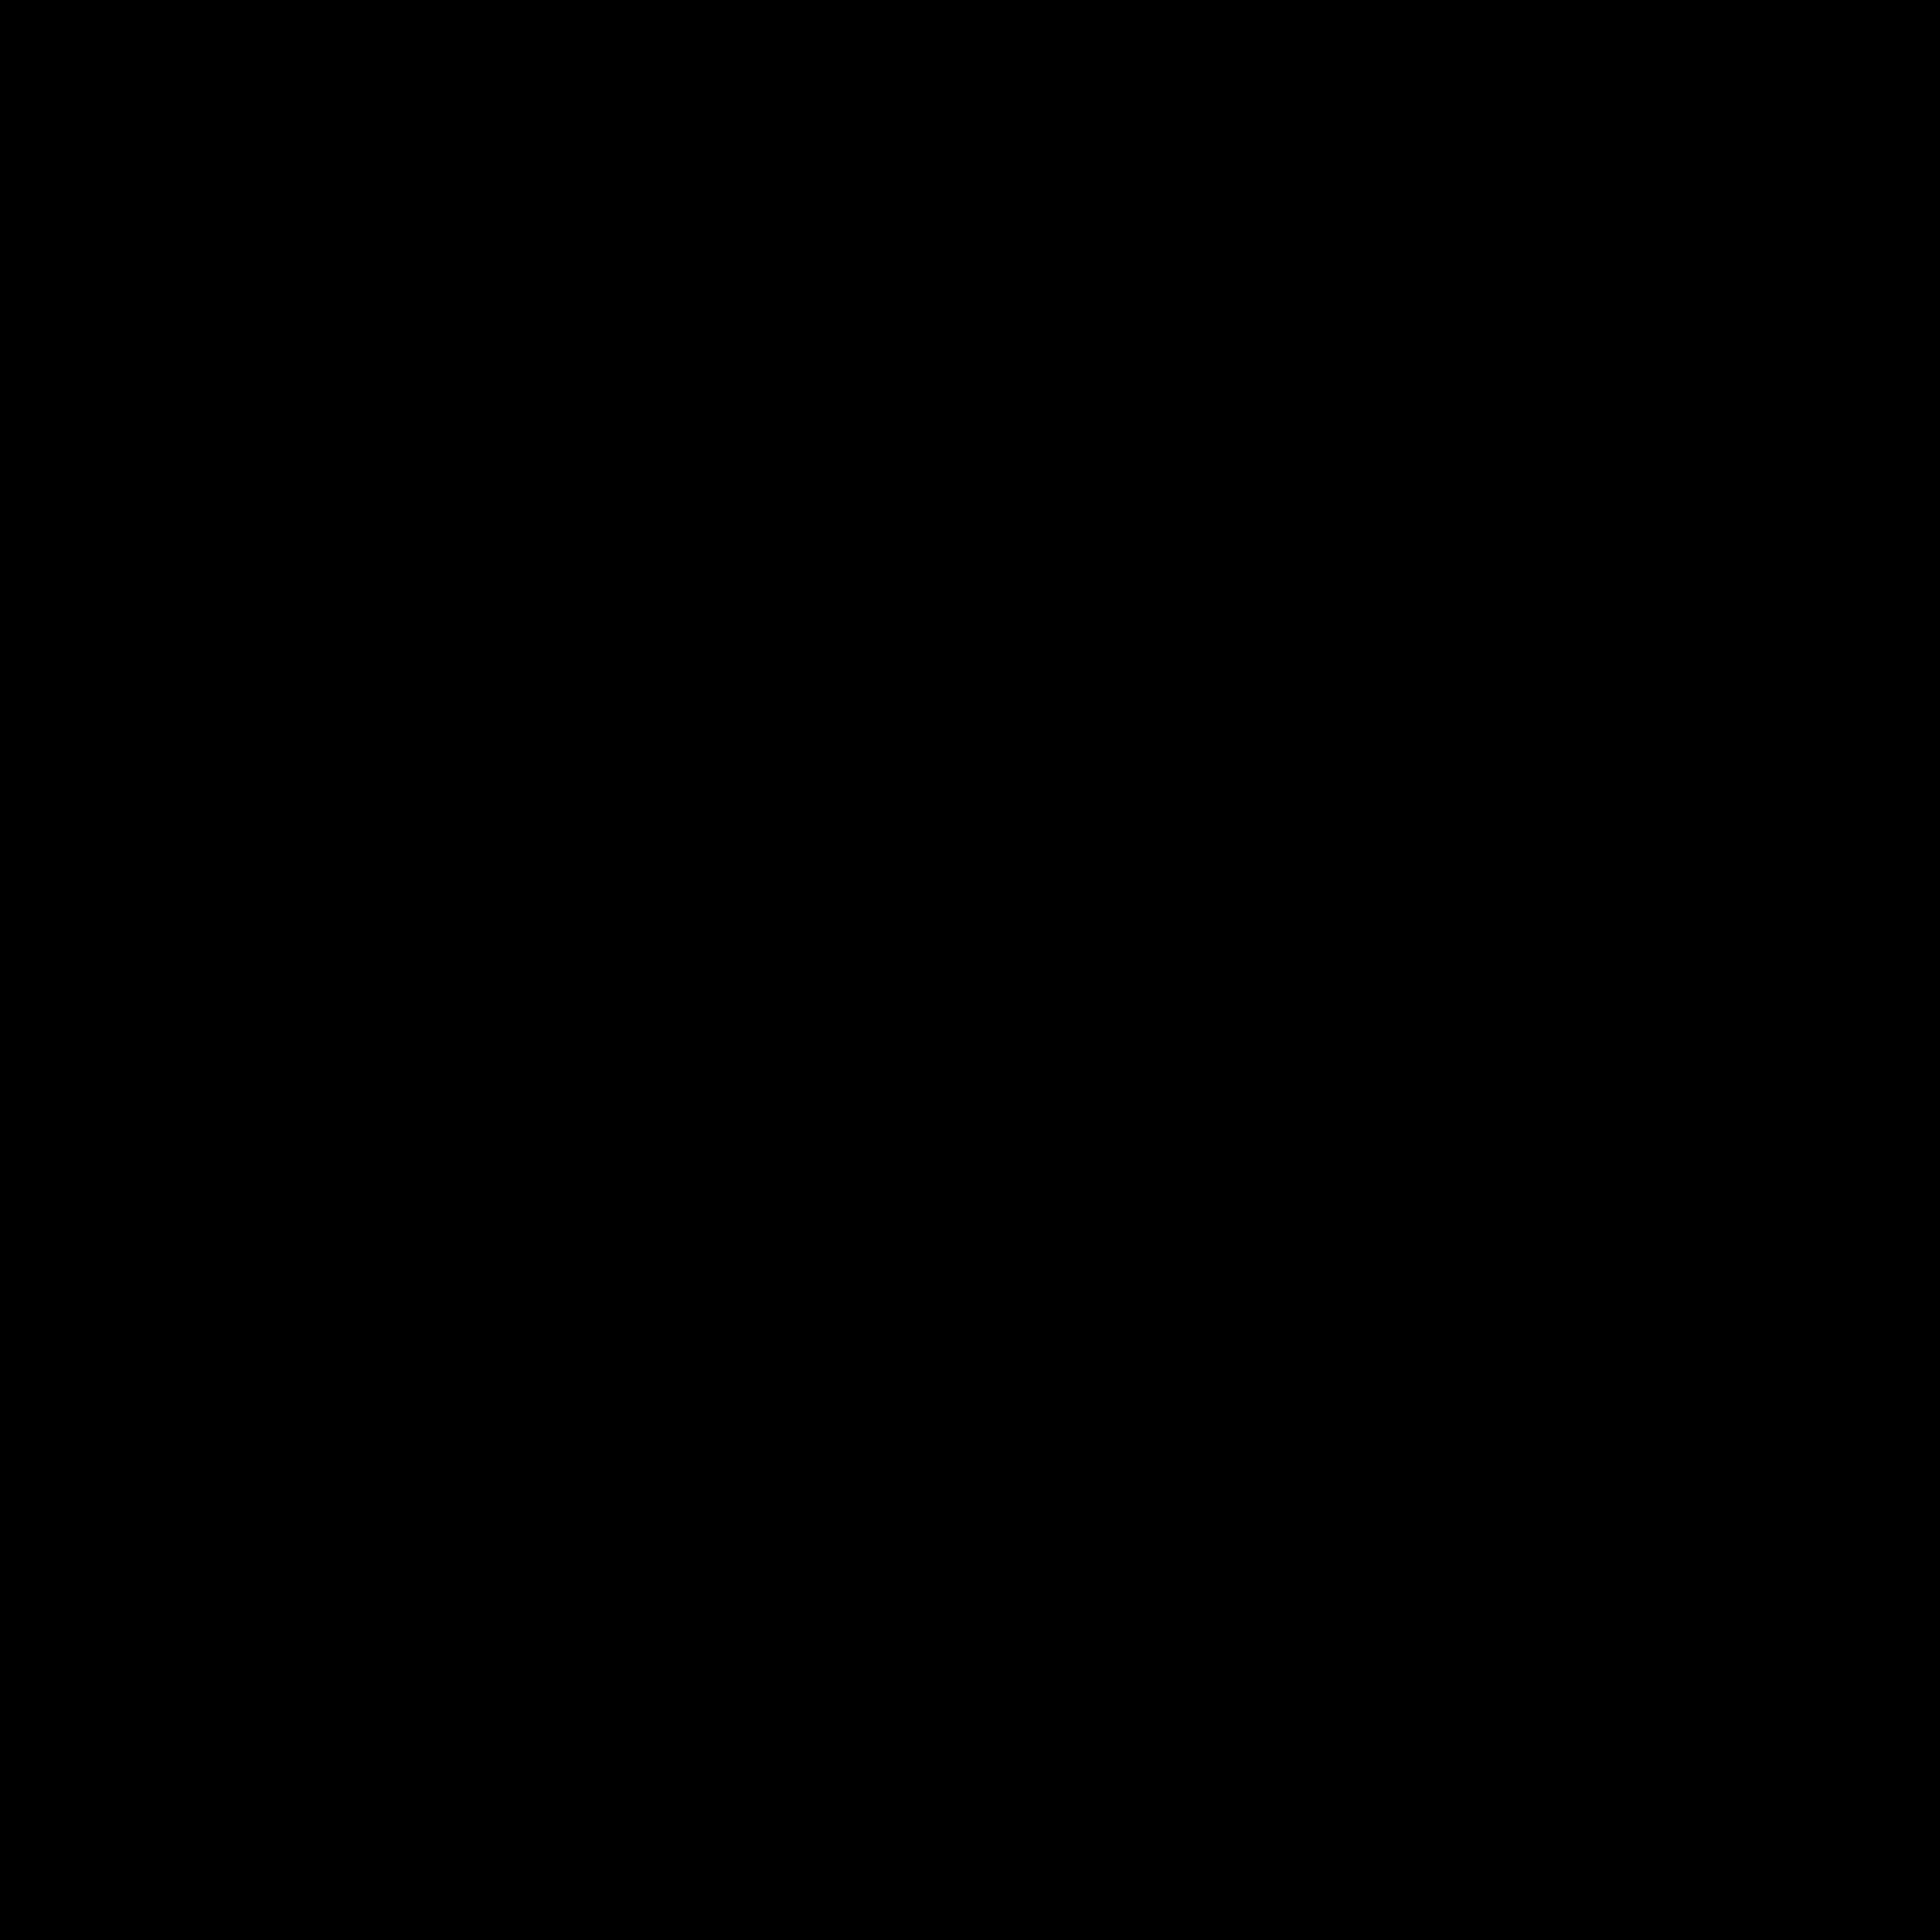 Decorative ornamental male symbol. Flourish clipart masculine